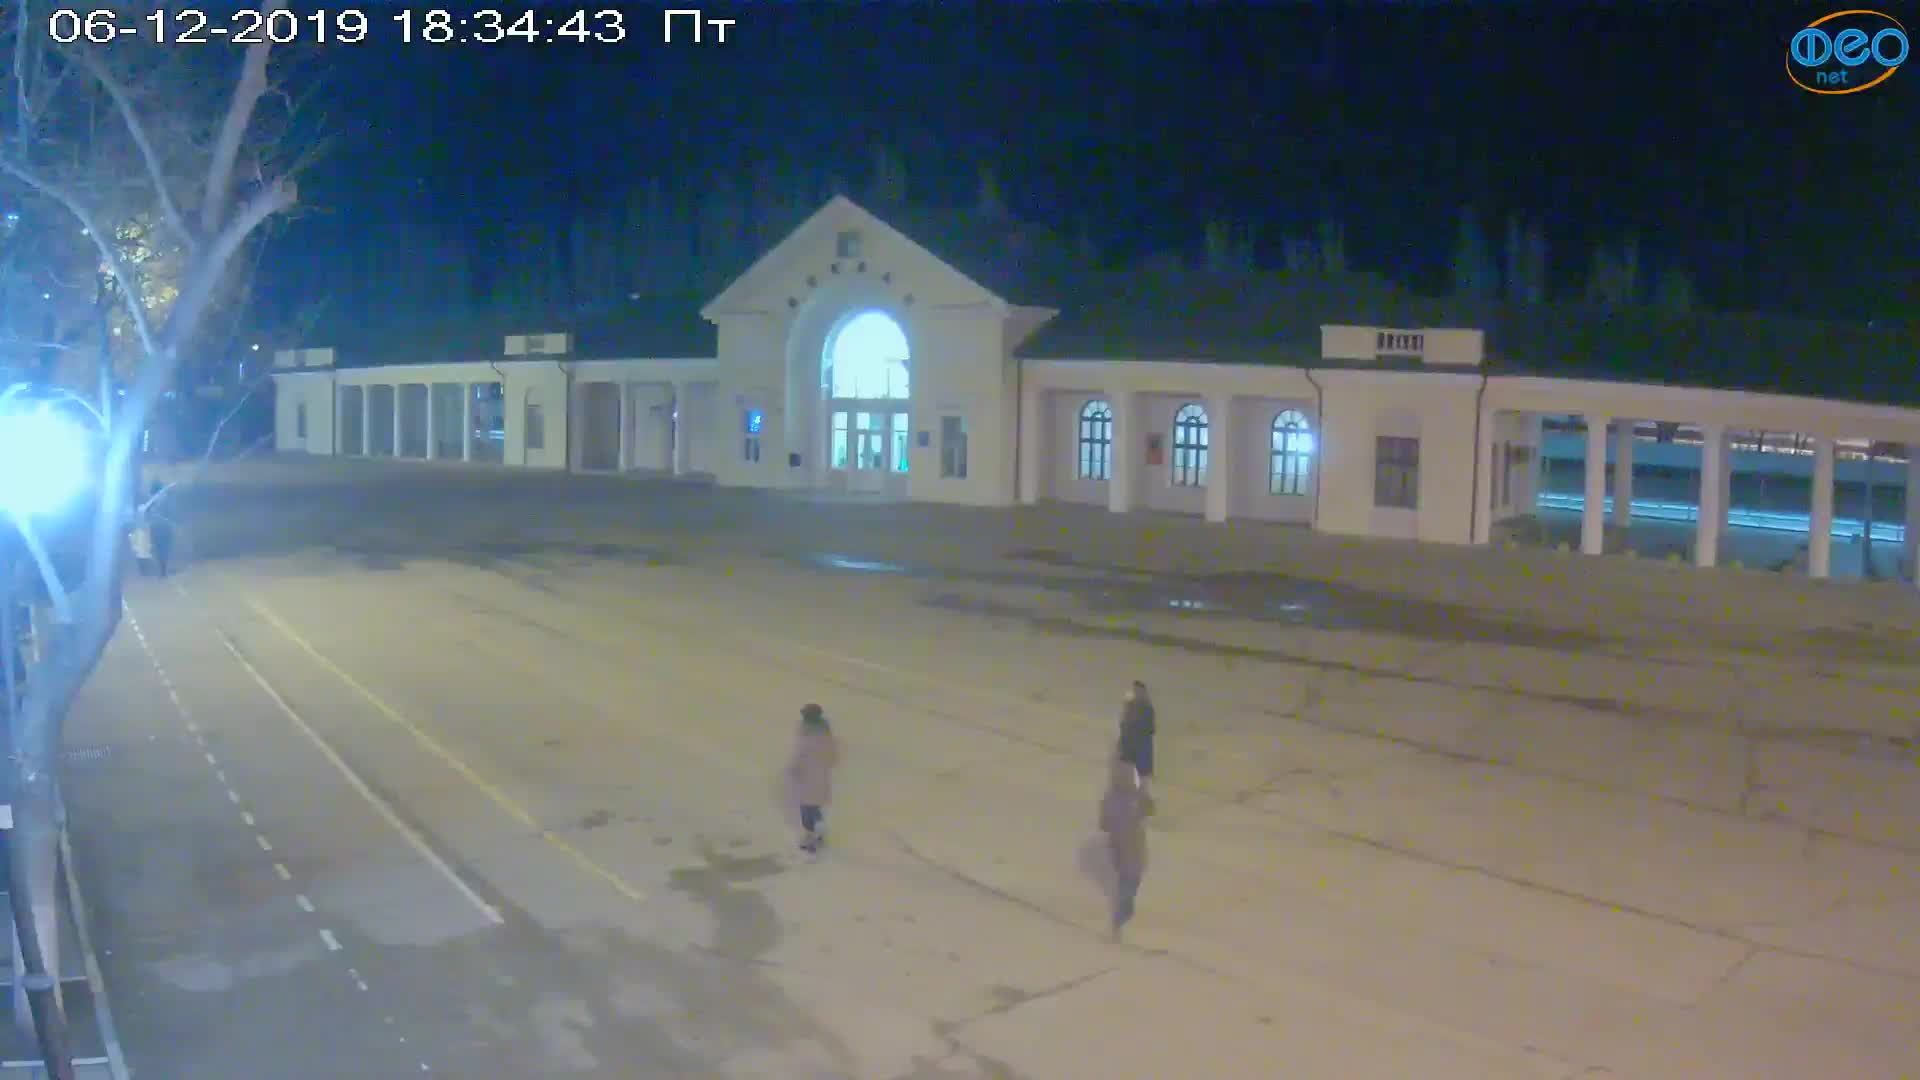 Веб-камеры Феодосии, Привокзальная площадь, 2019-12-06 18:35:09